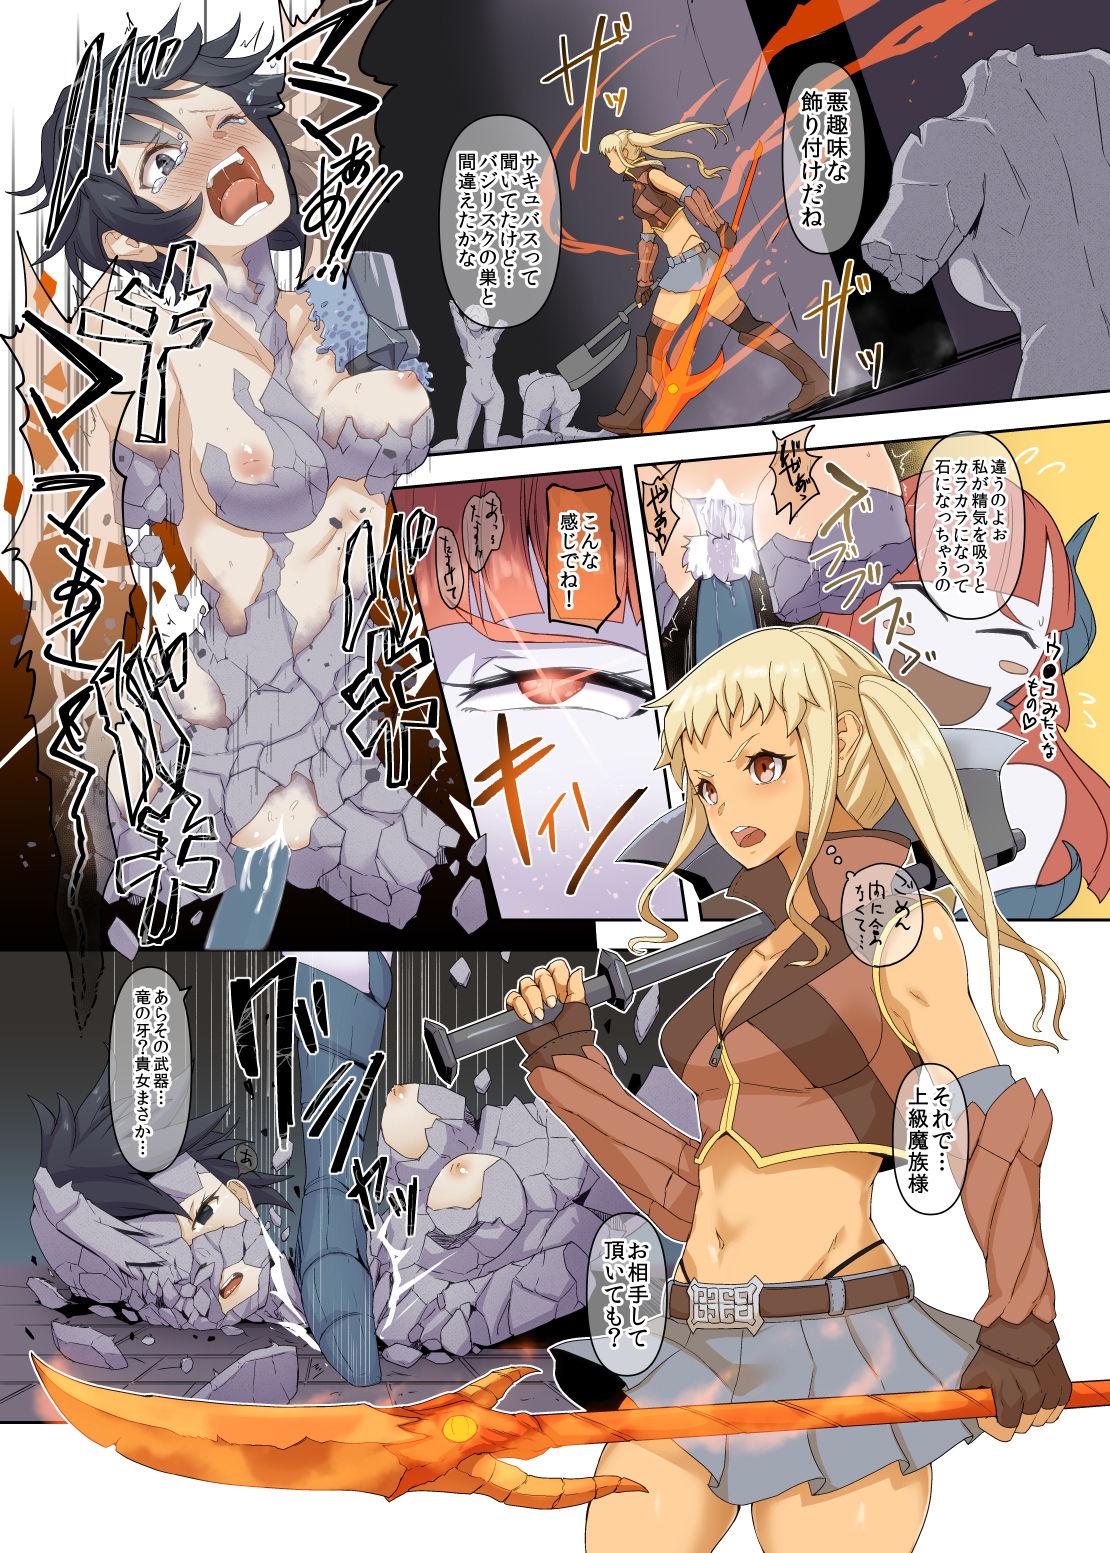 強い女戦士、淫魔を倒した苦労が報われず肉便器になる